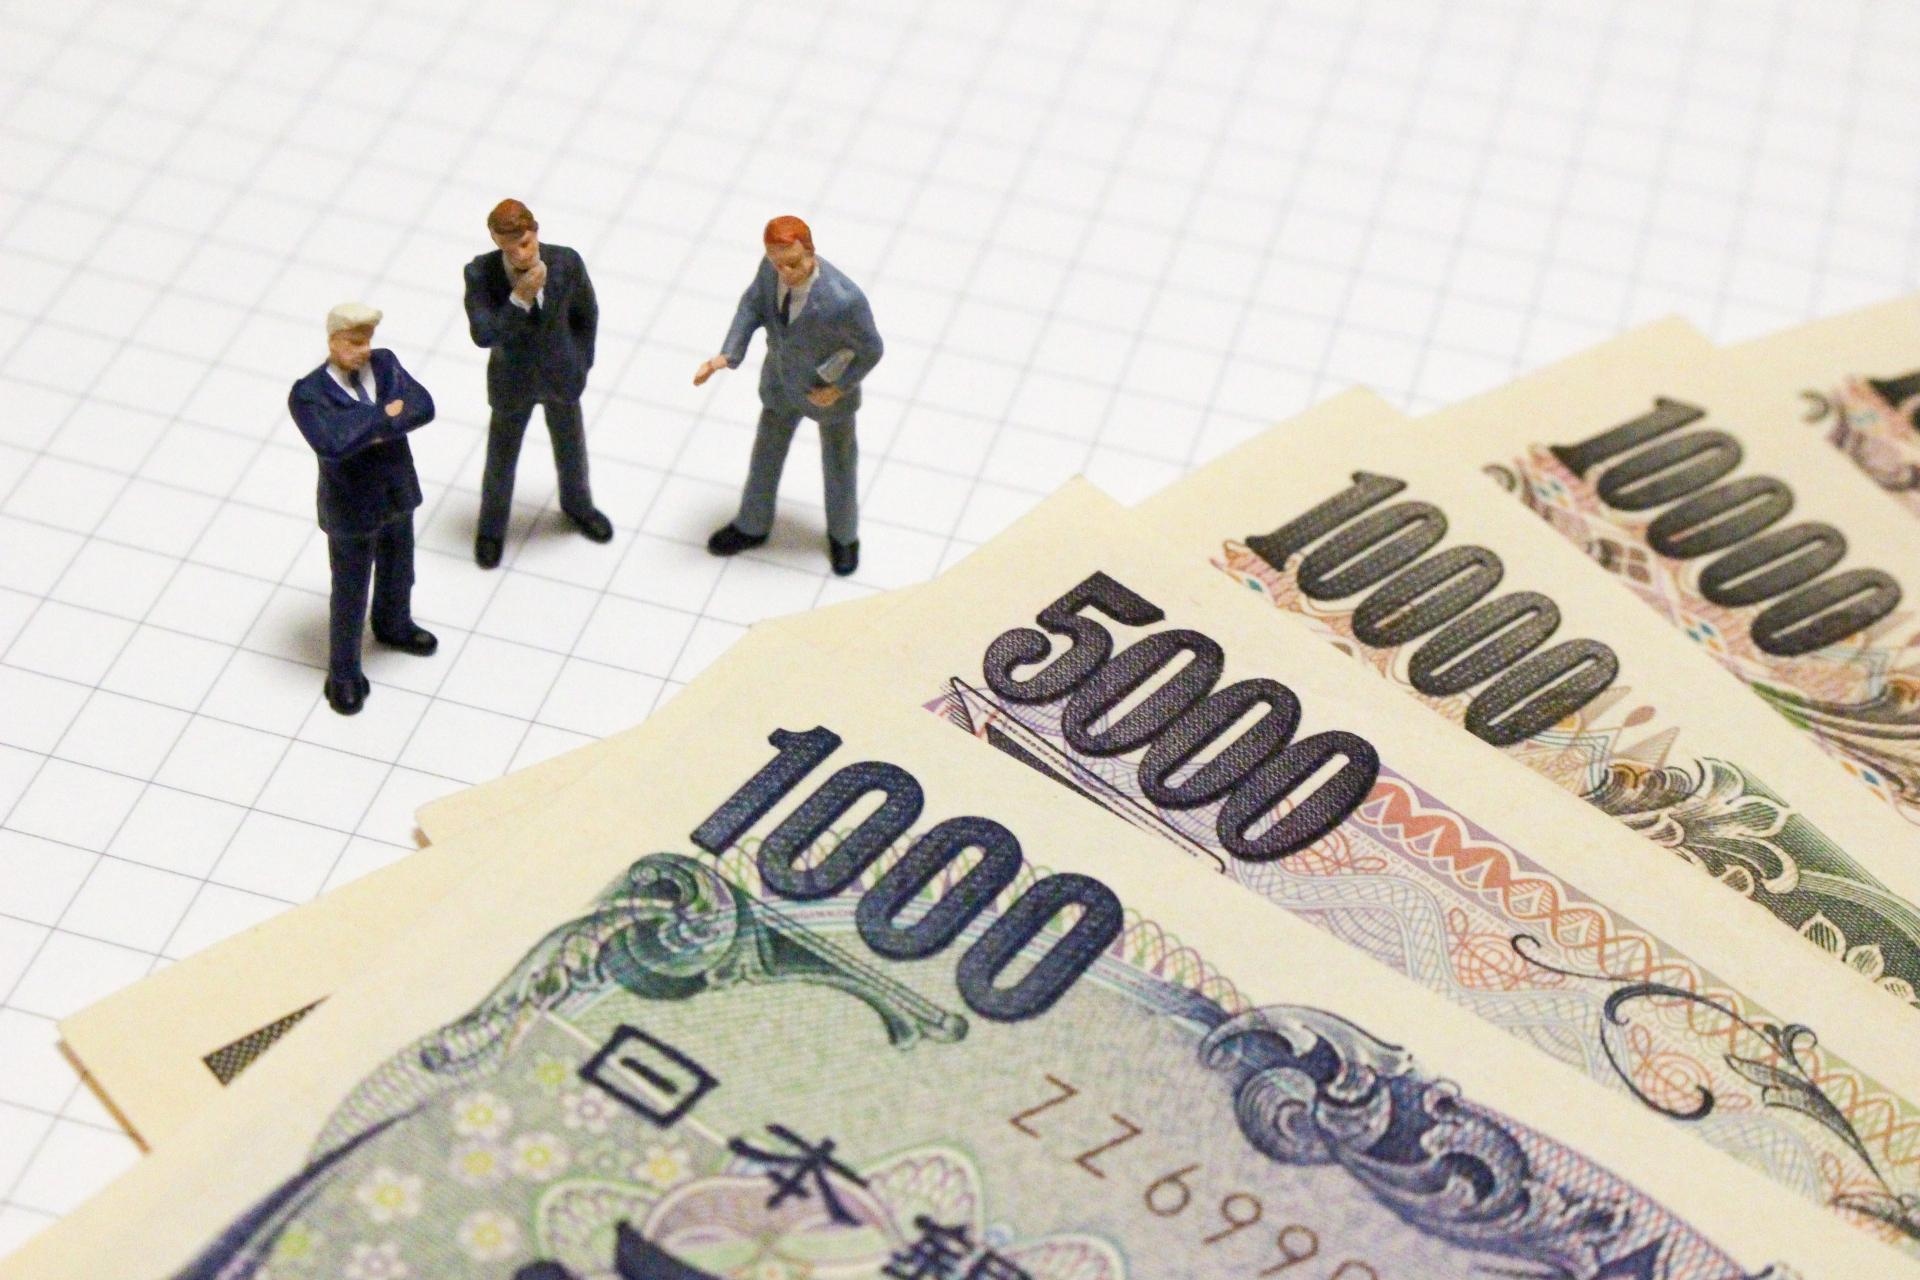 日本 今後 税金 高く